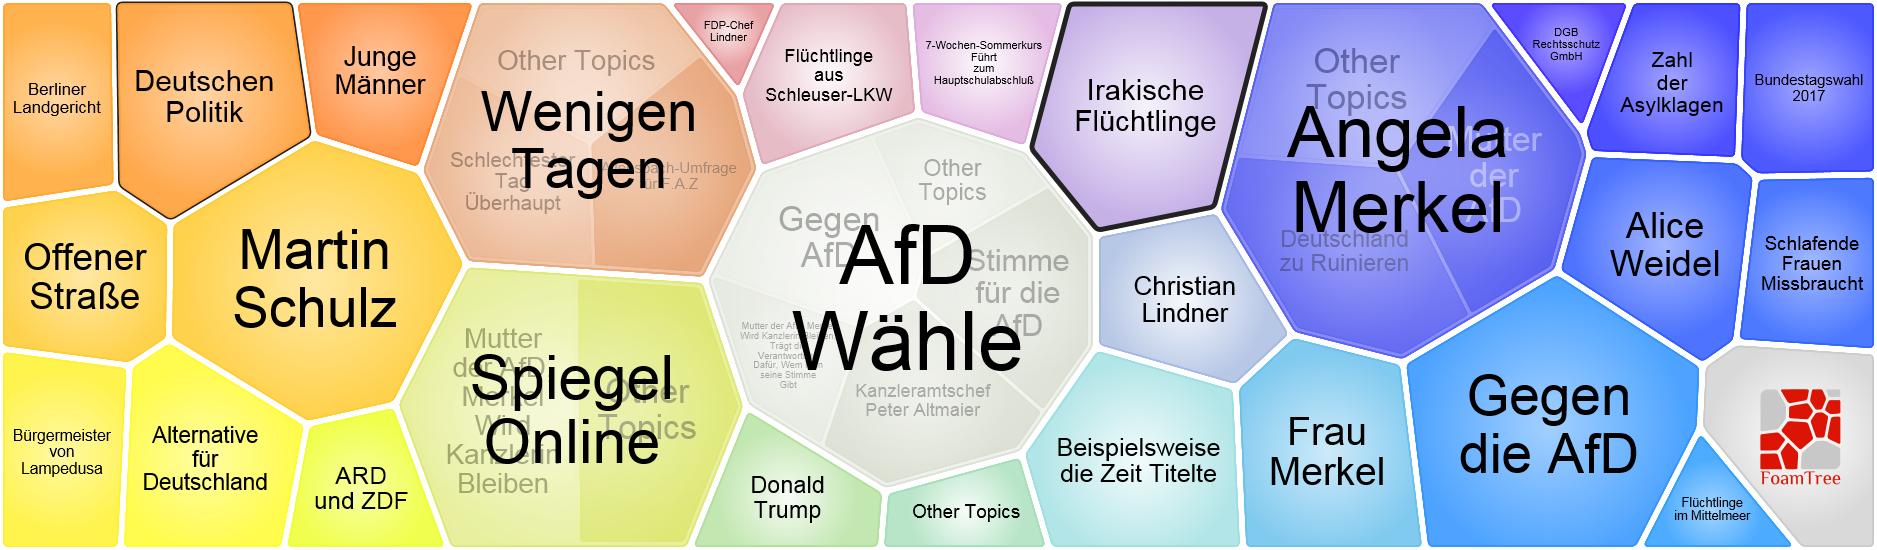 Interessen der Fans der CDU-Facebook-Seite vom 17.09.2017 bis zum 20.09.2017